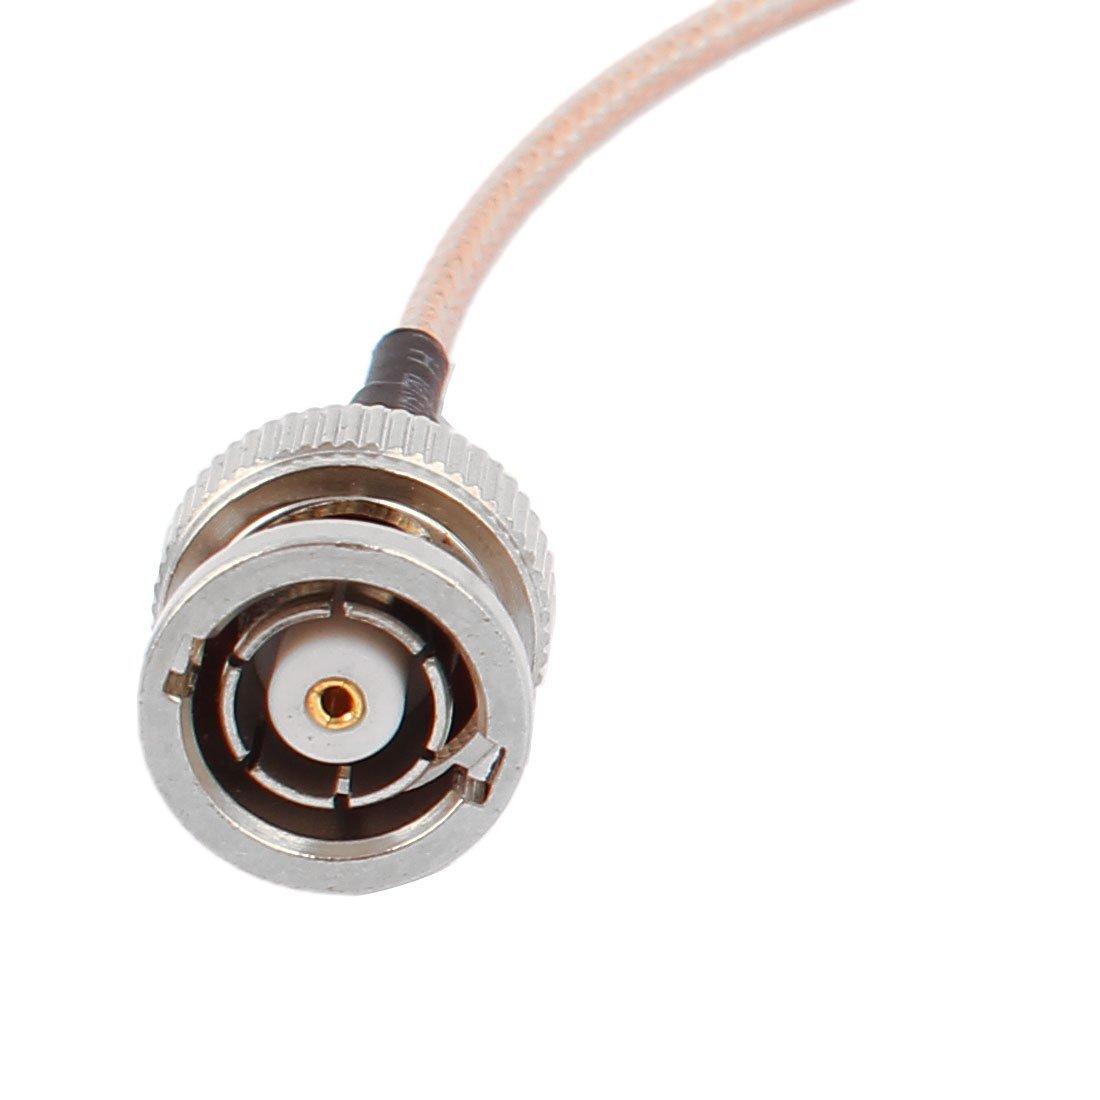 Amazon.com: eDealMax RP-BNC-J hembra a SMA-KY Mujer RG316 Cable coaxial Flexible de conexión 8 pulgadas: Electronics